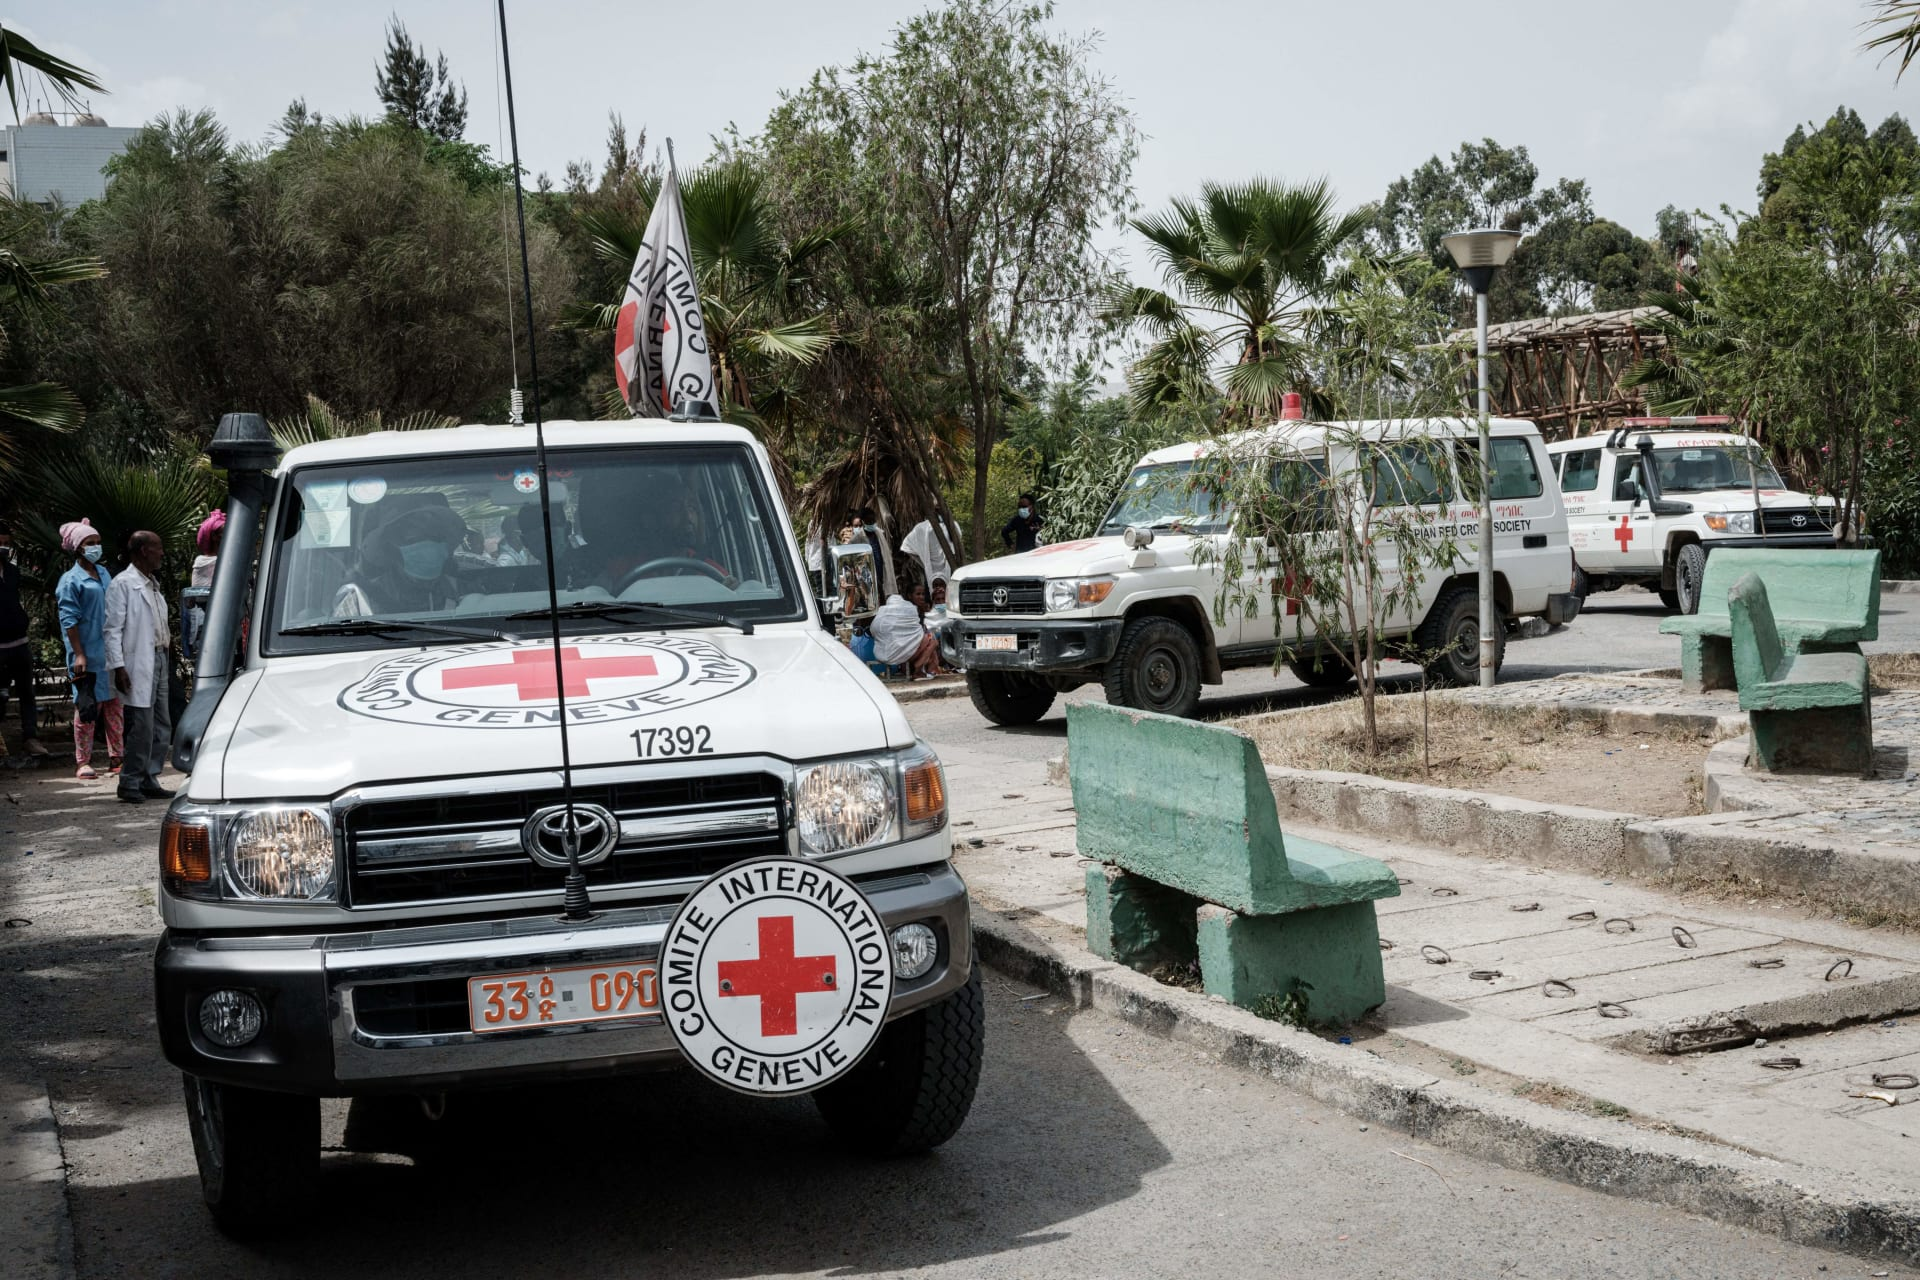 سيارات إسعاف الصليب الأحمر تصل مع مرضى أصيبوا في بلدتهم توغوغا في غارة جوية مميتة على أحد الأسواق ، تصل إلى مستشفى ميكيلي العام في ميكيلي ، في 24 يونيو 2021